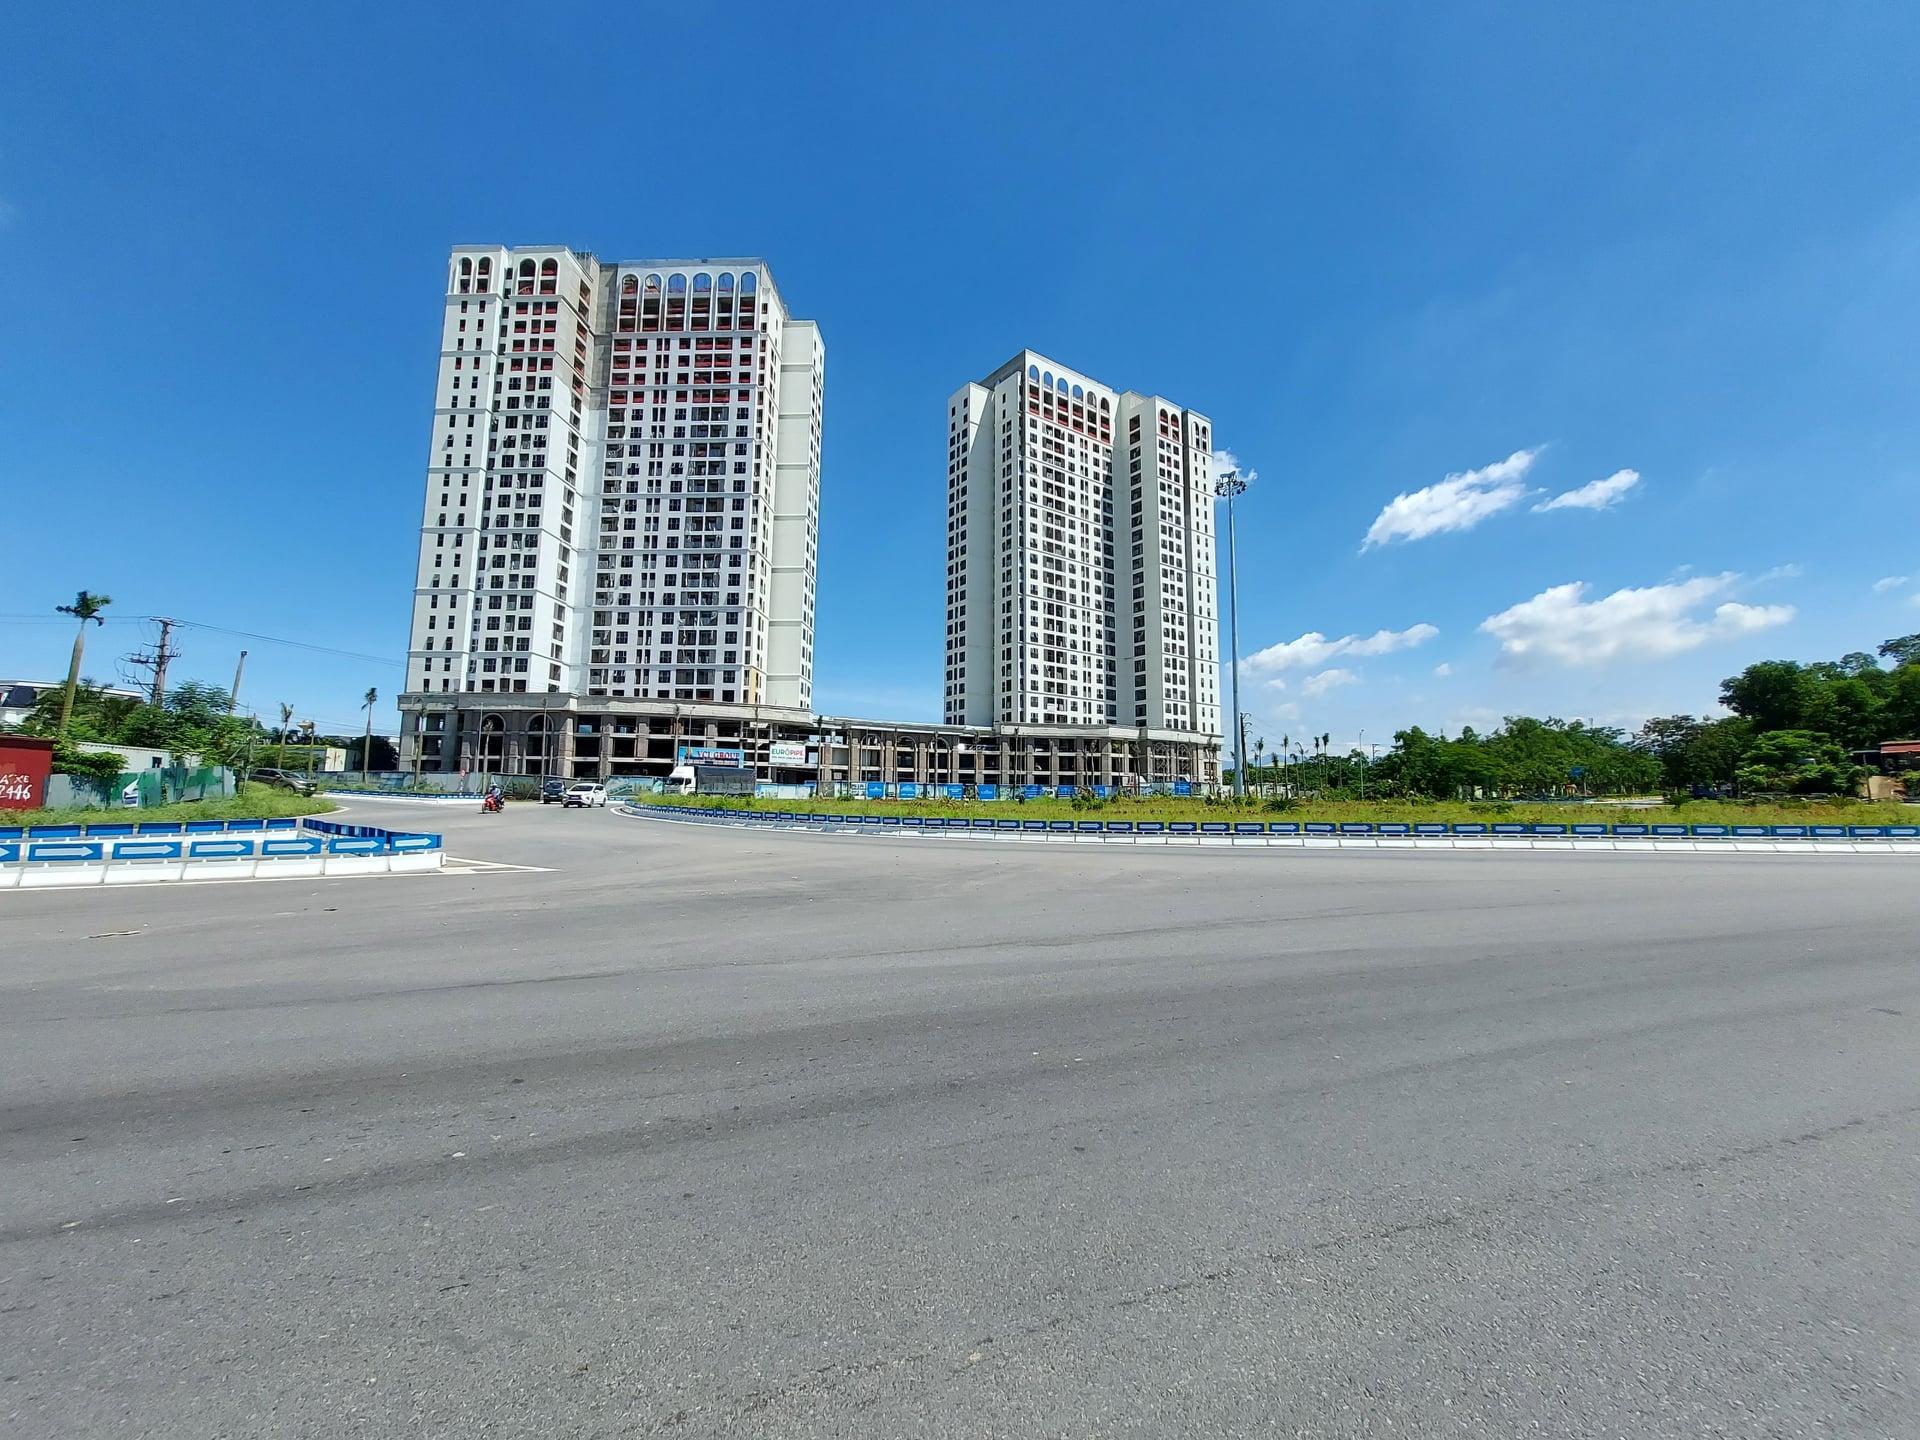 Cần bán Căn hộ chung cư đường Trần Phú, Phường Liên Bảo, Diện tích 69m², Giá Thương lượng - LH: 0968455023